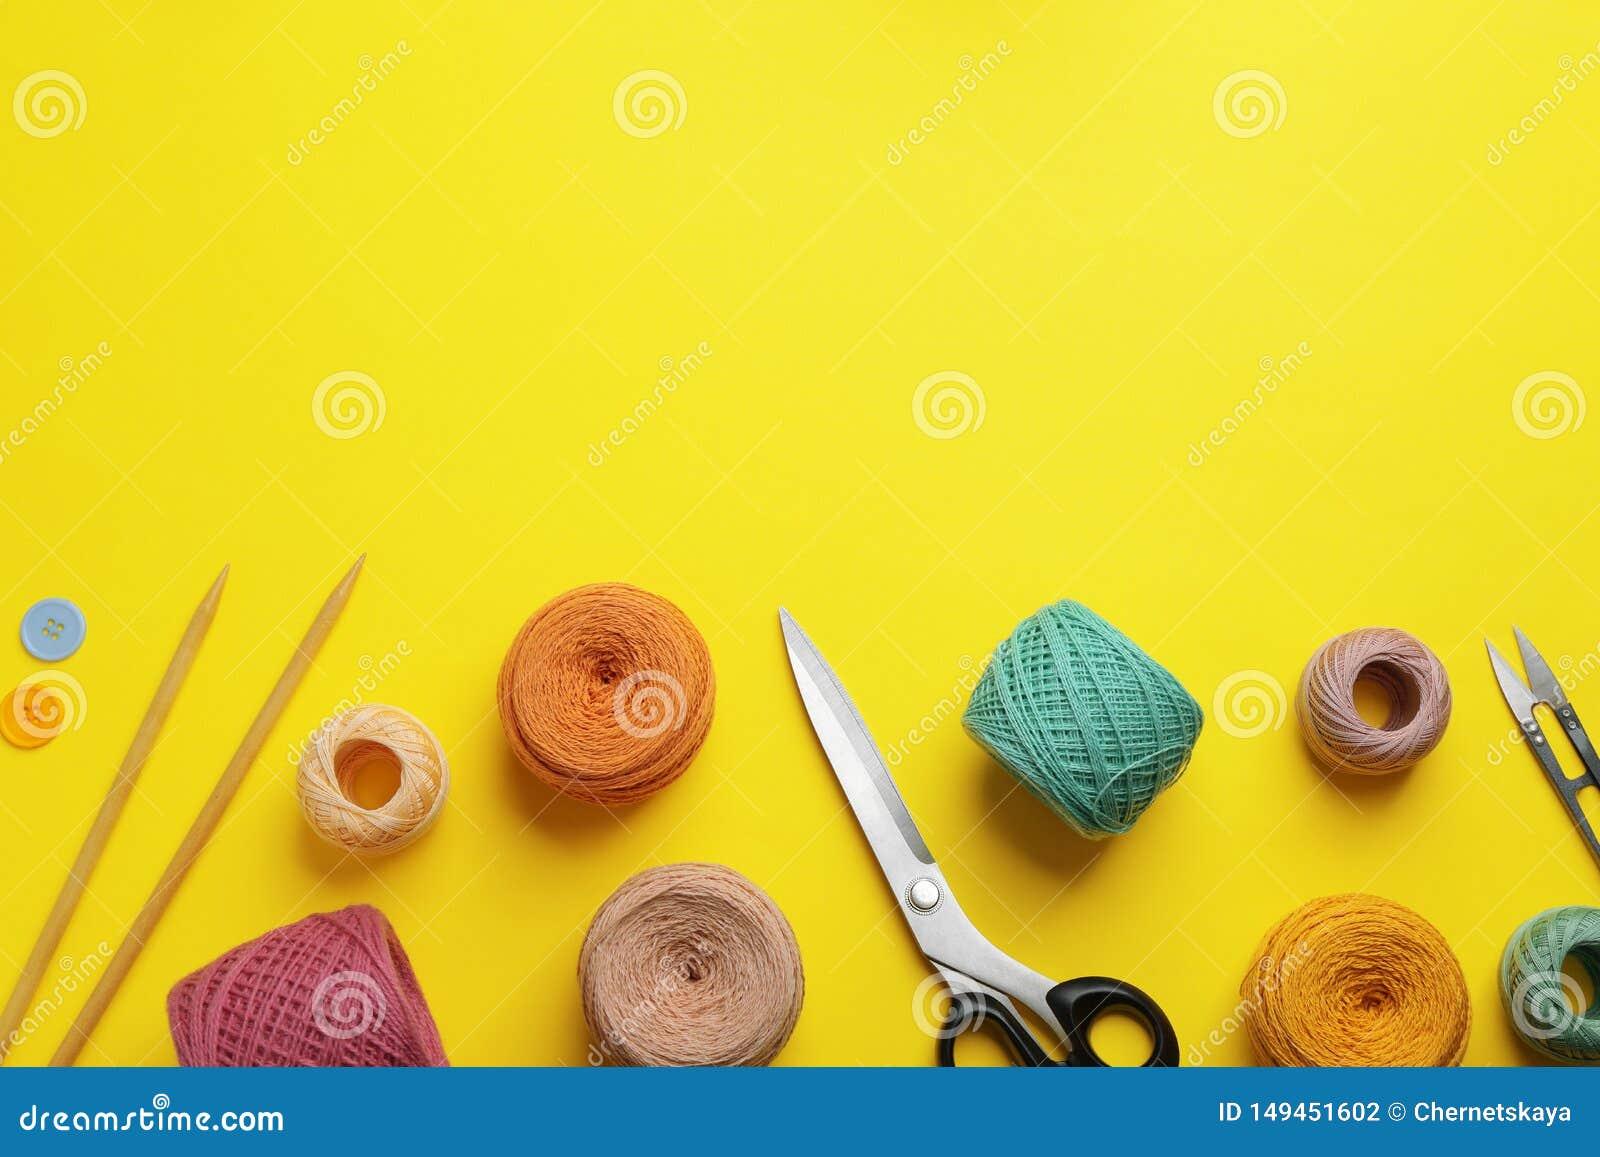 Strickende Faden und nähendes Material auf Farbhintergrund, flache Lage